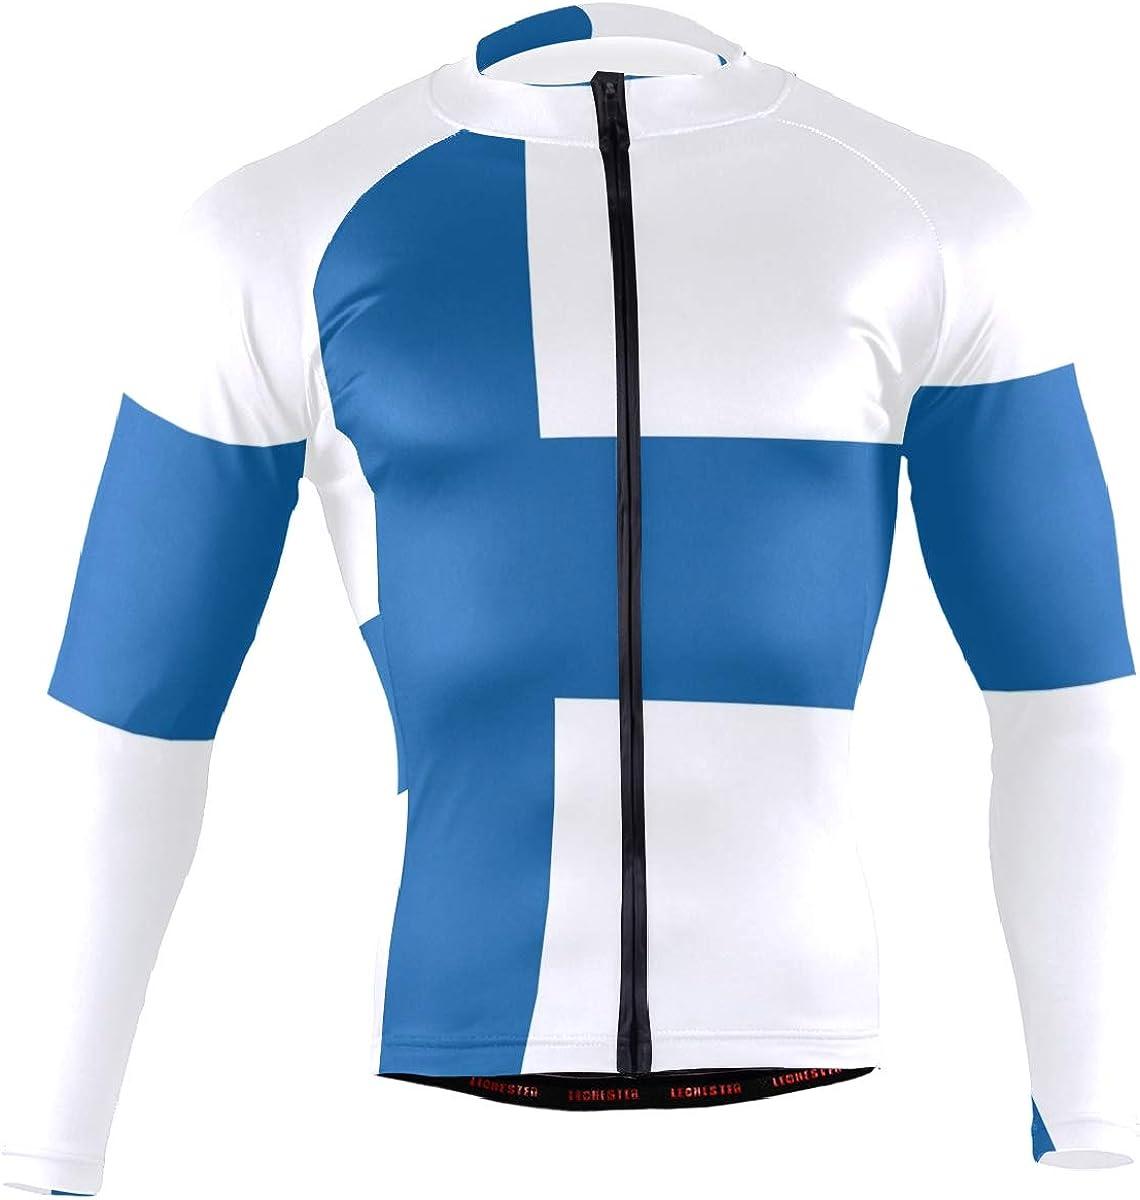 Mens Cycling Jersey Long Sleeve Bike//Bicycle Top Outdoor Sports Biking Shirts